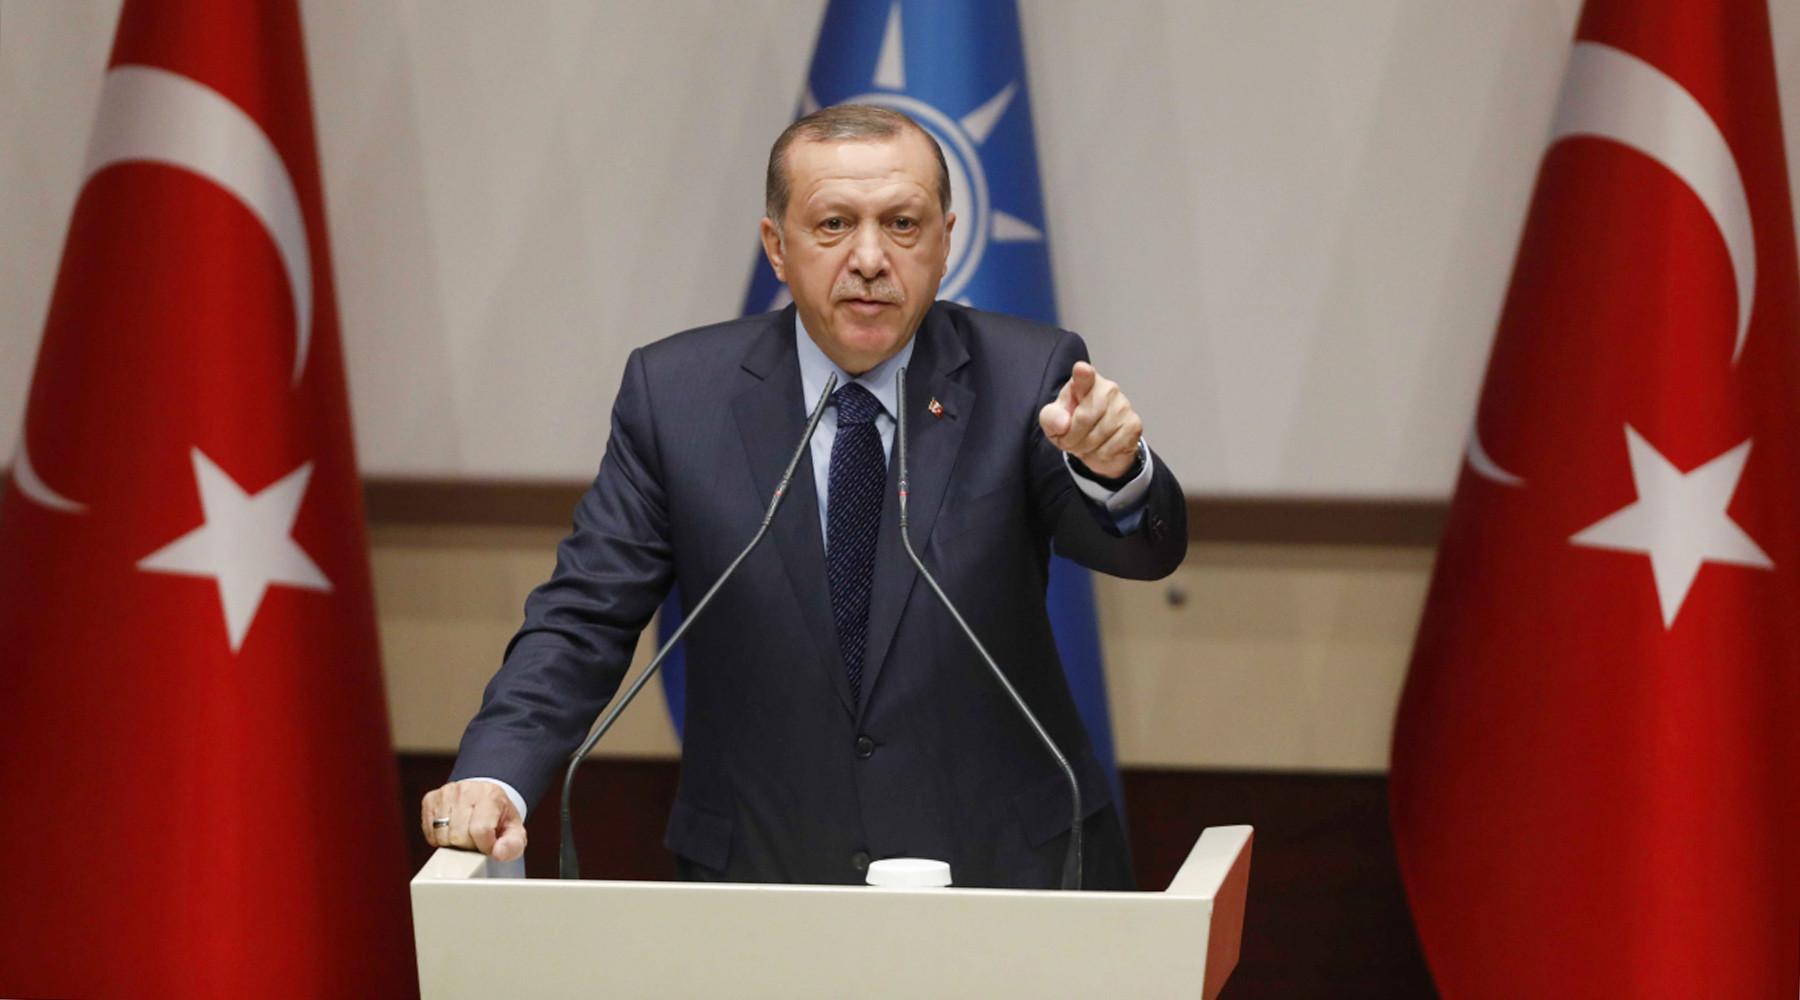 Почему Эрдоган поддержал Москву в споре с Вашингтоном по Сирии